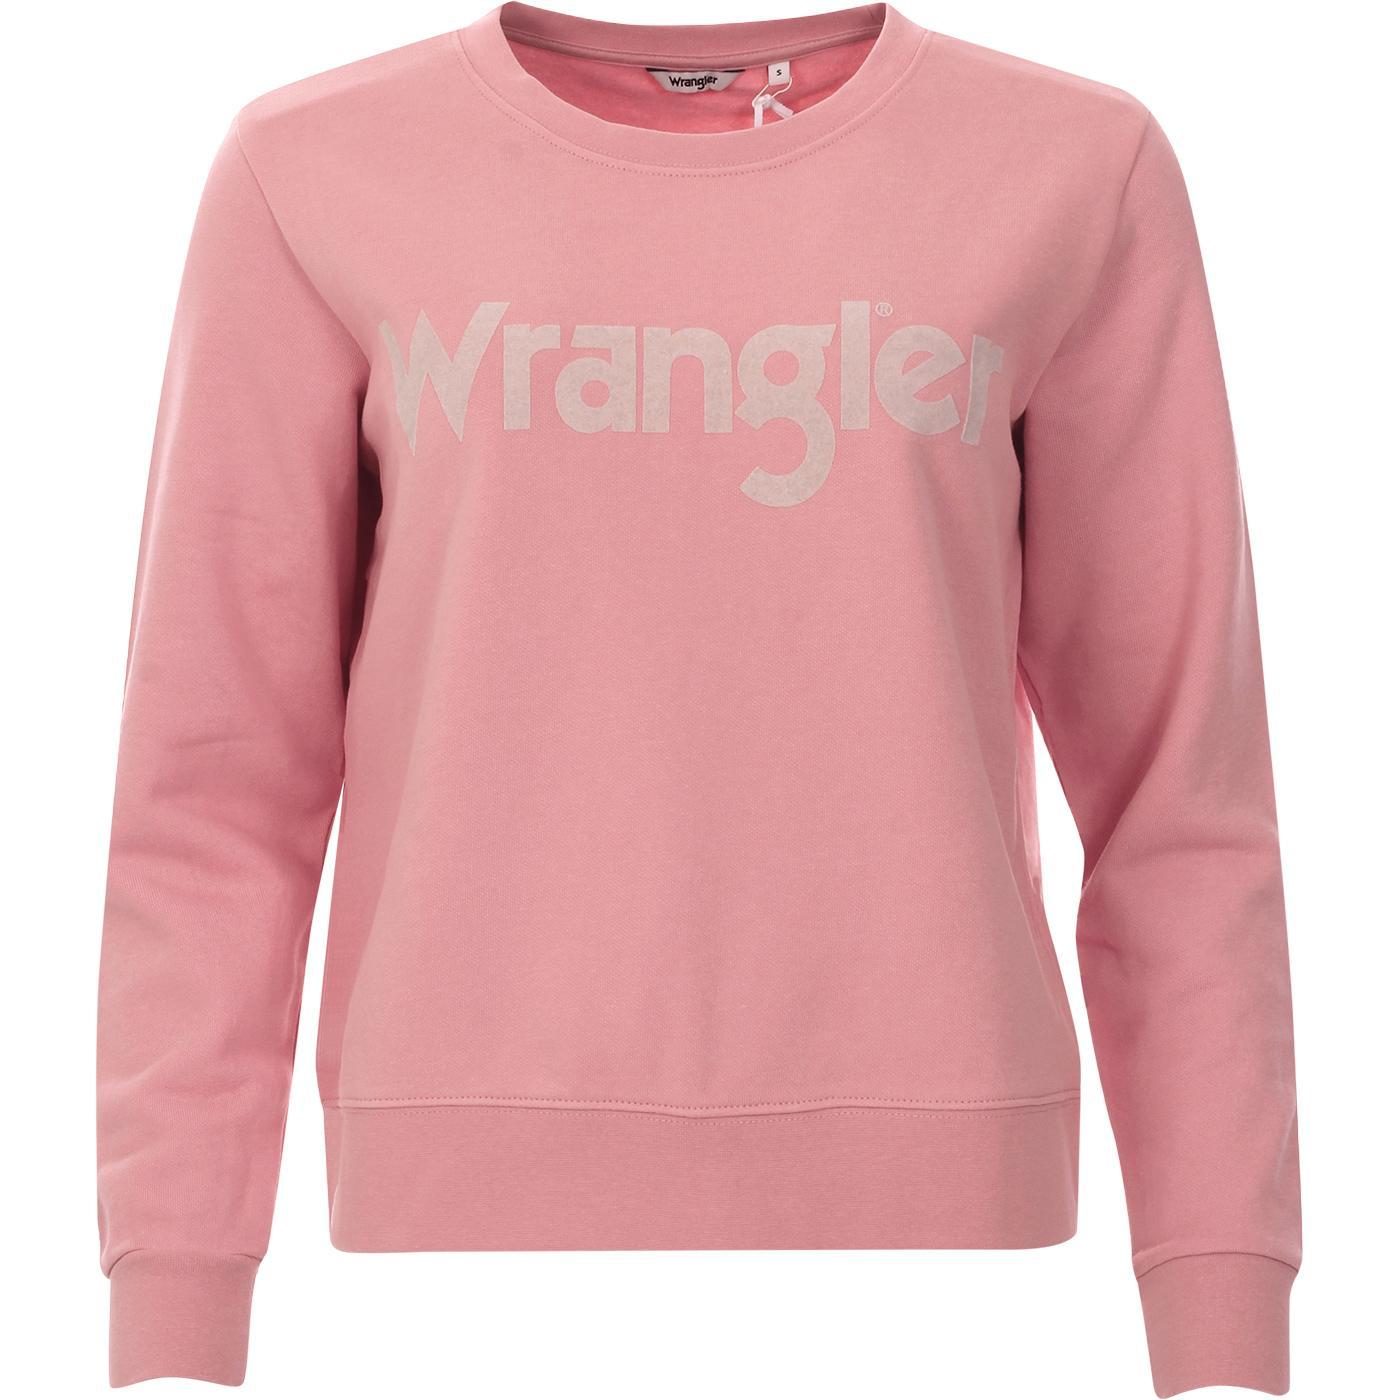 WRANGLER Women's Retro 70's Logo Sweater BR